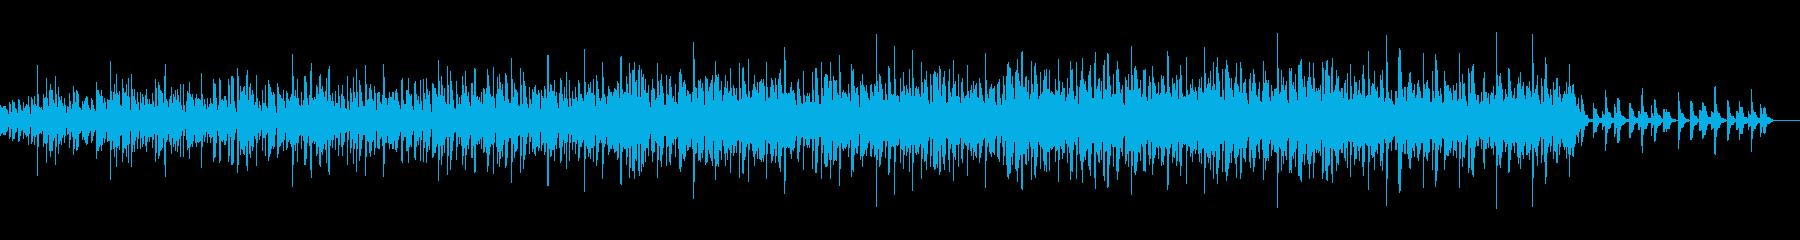 切ないチルアウトオルゴール_ビートありの再生済みの波形